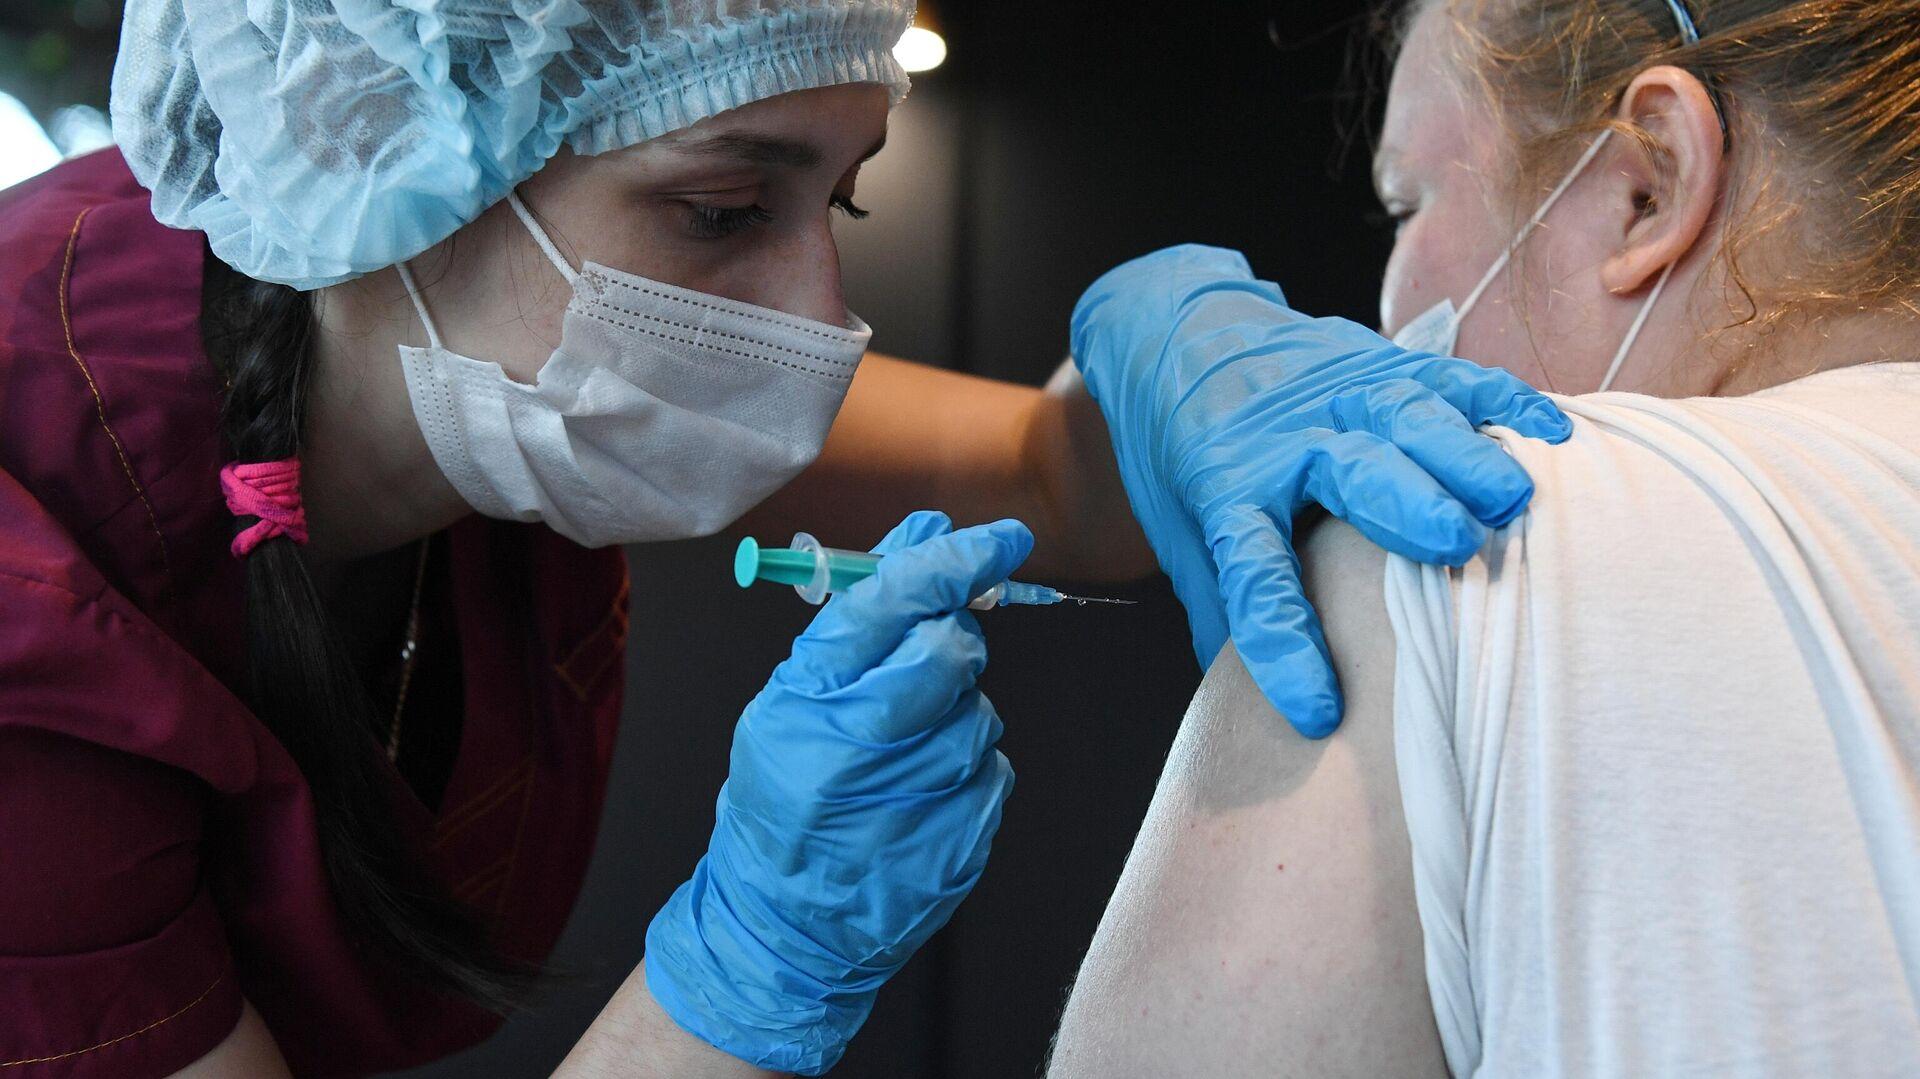 Девушка вакцинируется от COVID-19 препаратом Sputnik V (Гам-КОВИД-Вак) в организации Gastro инкубатор в Новосибирске - РИА Новости, 1920, 22.06.2021